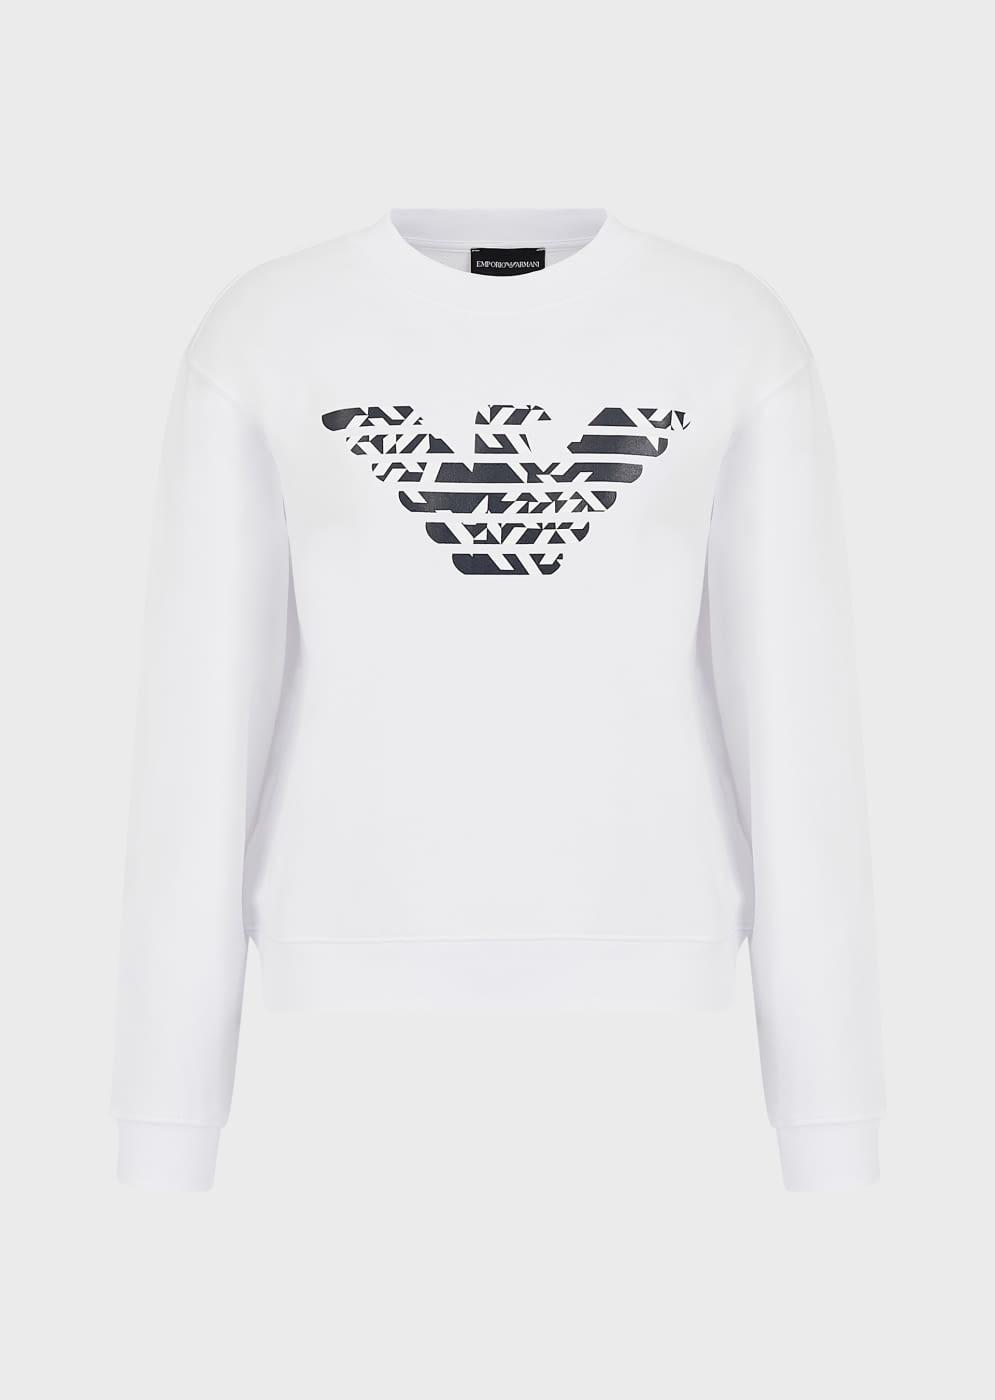 EMPORIO ARMANI sudadera color blanco con águila